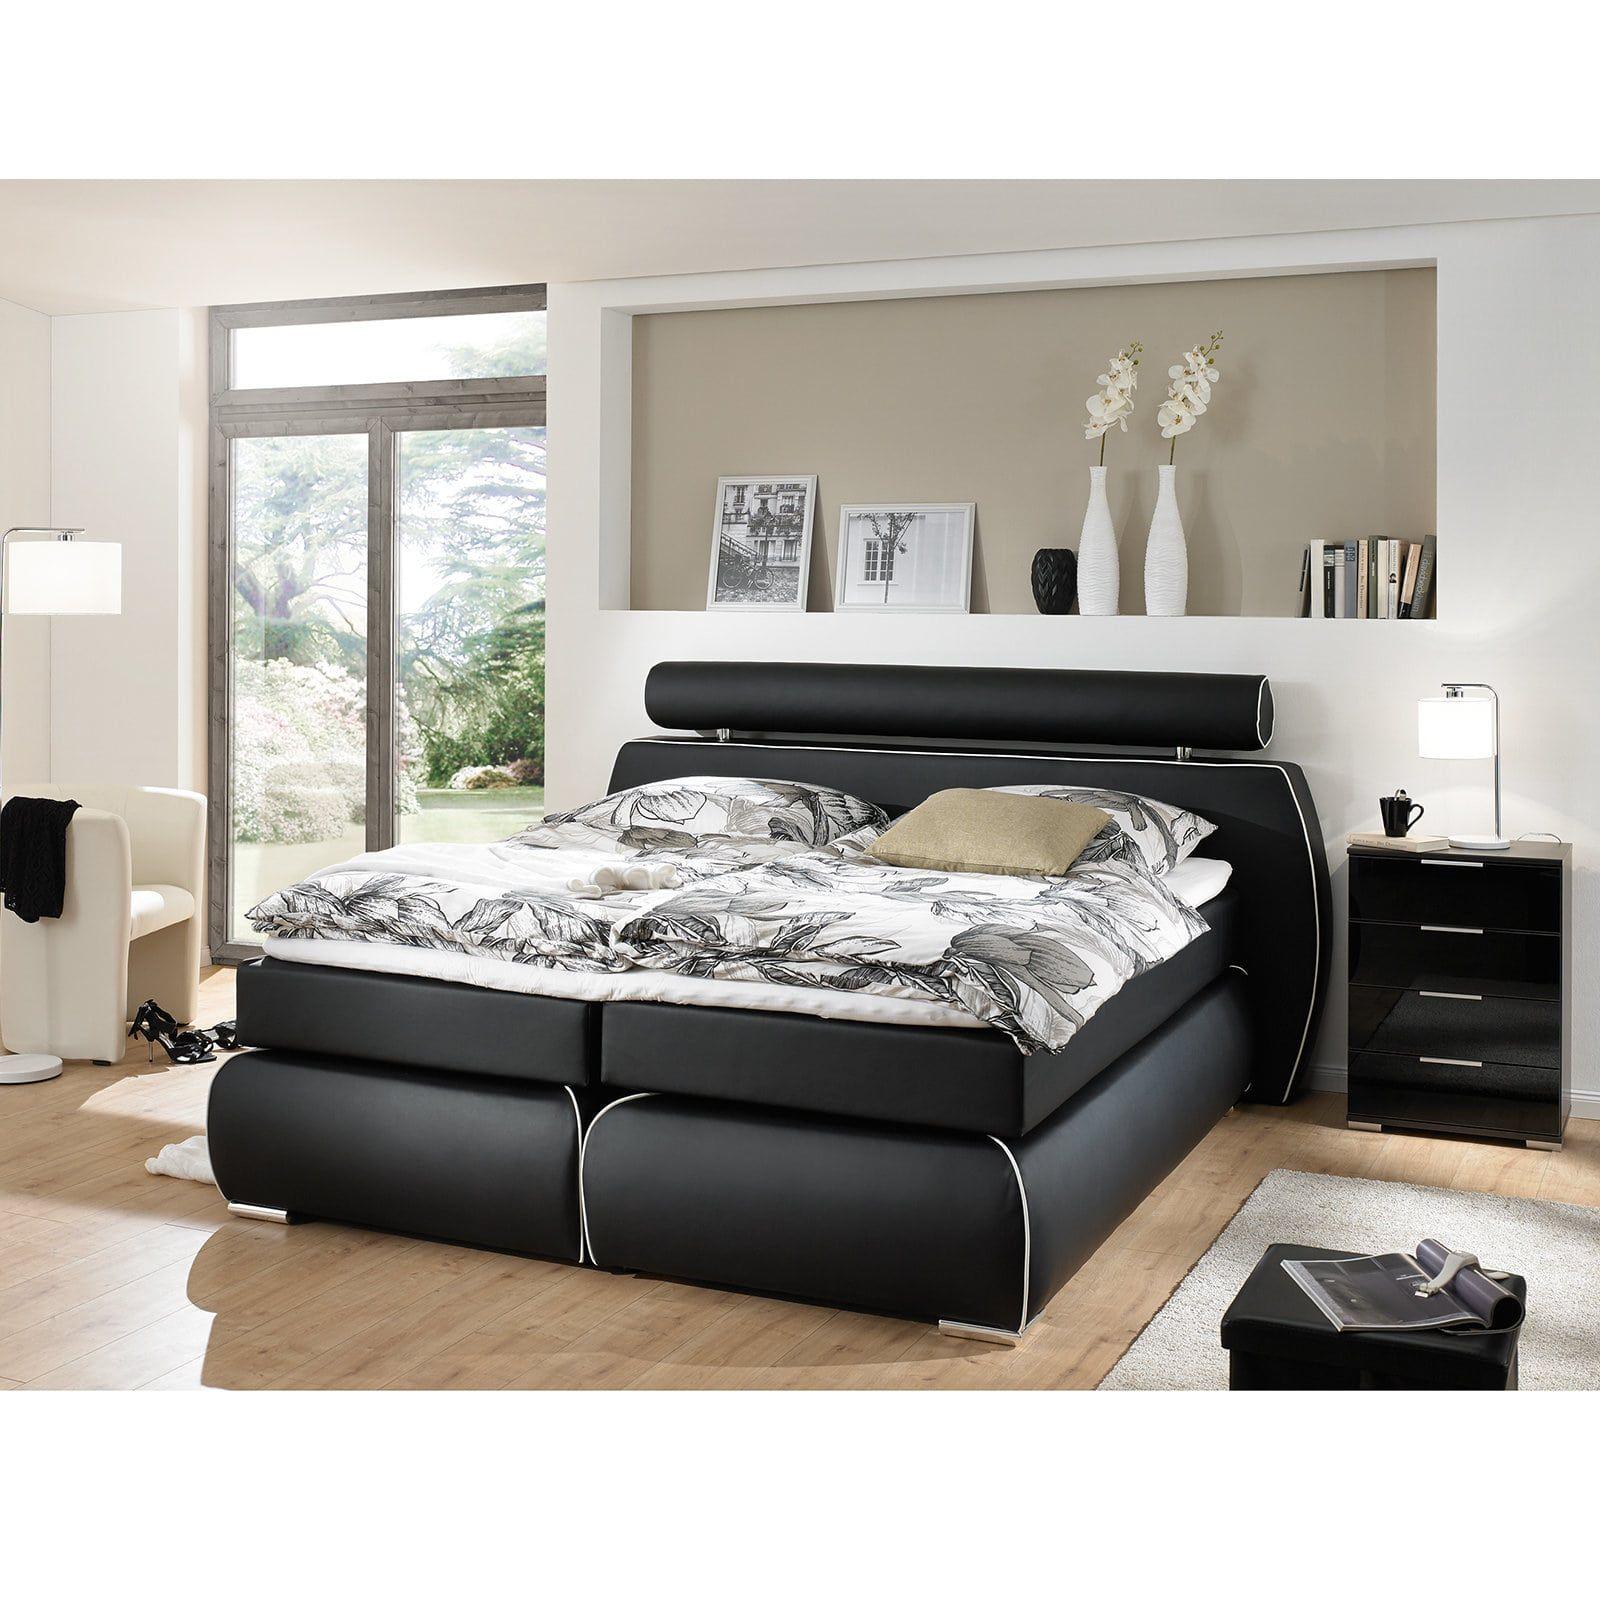 Pin Von Mobel Roller Auf Schlafen Betten Bett Wohnung Haus Deko